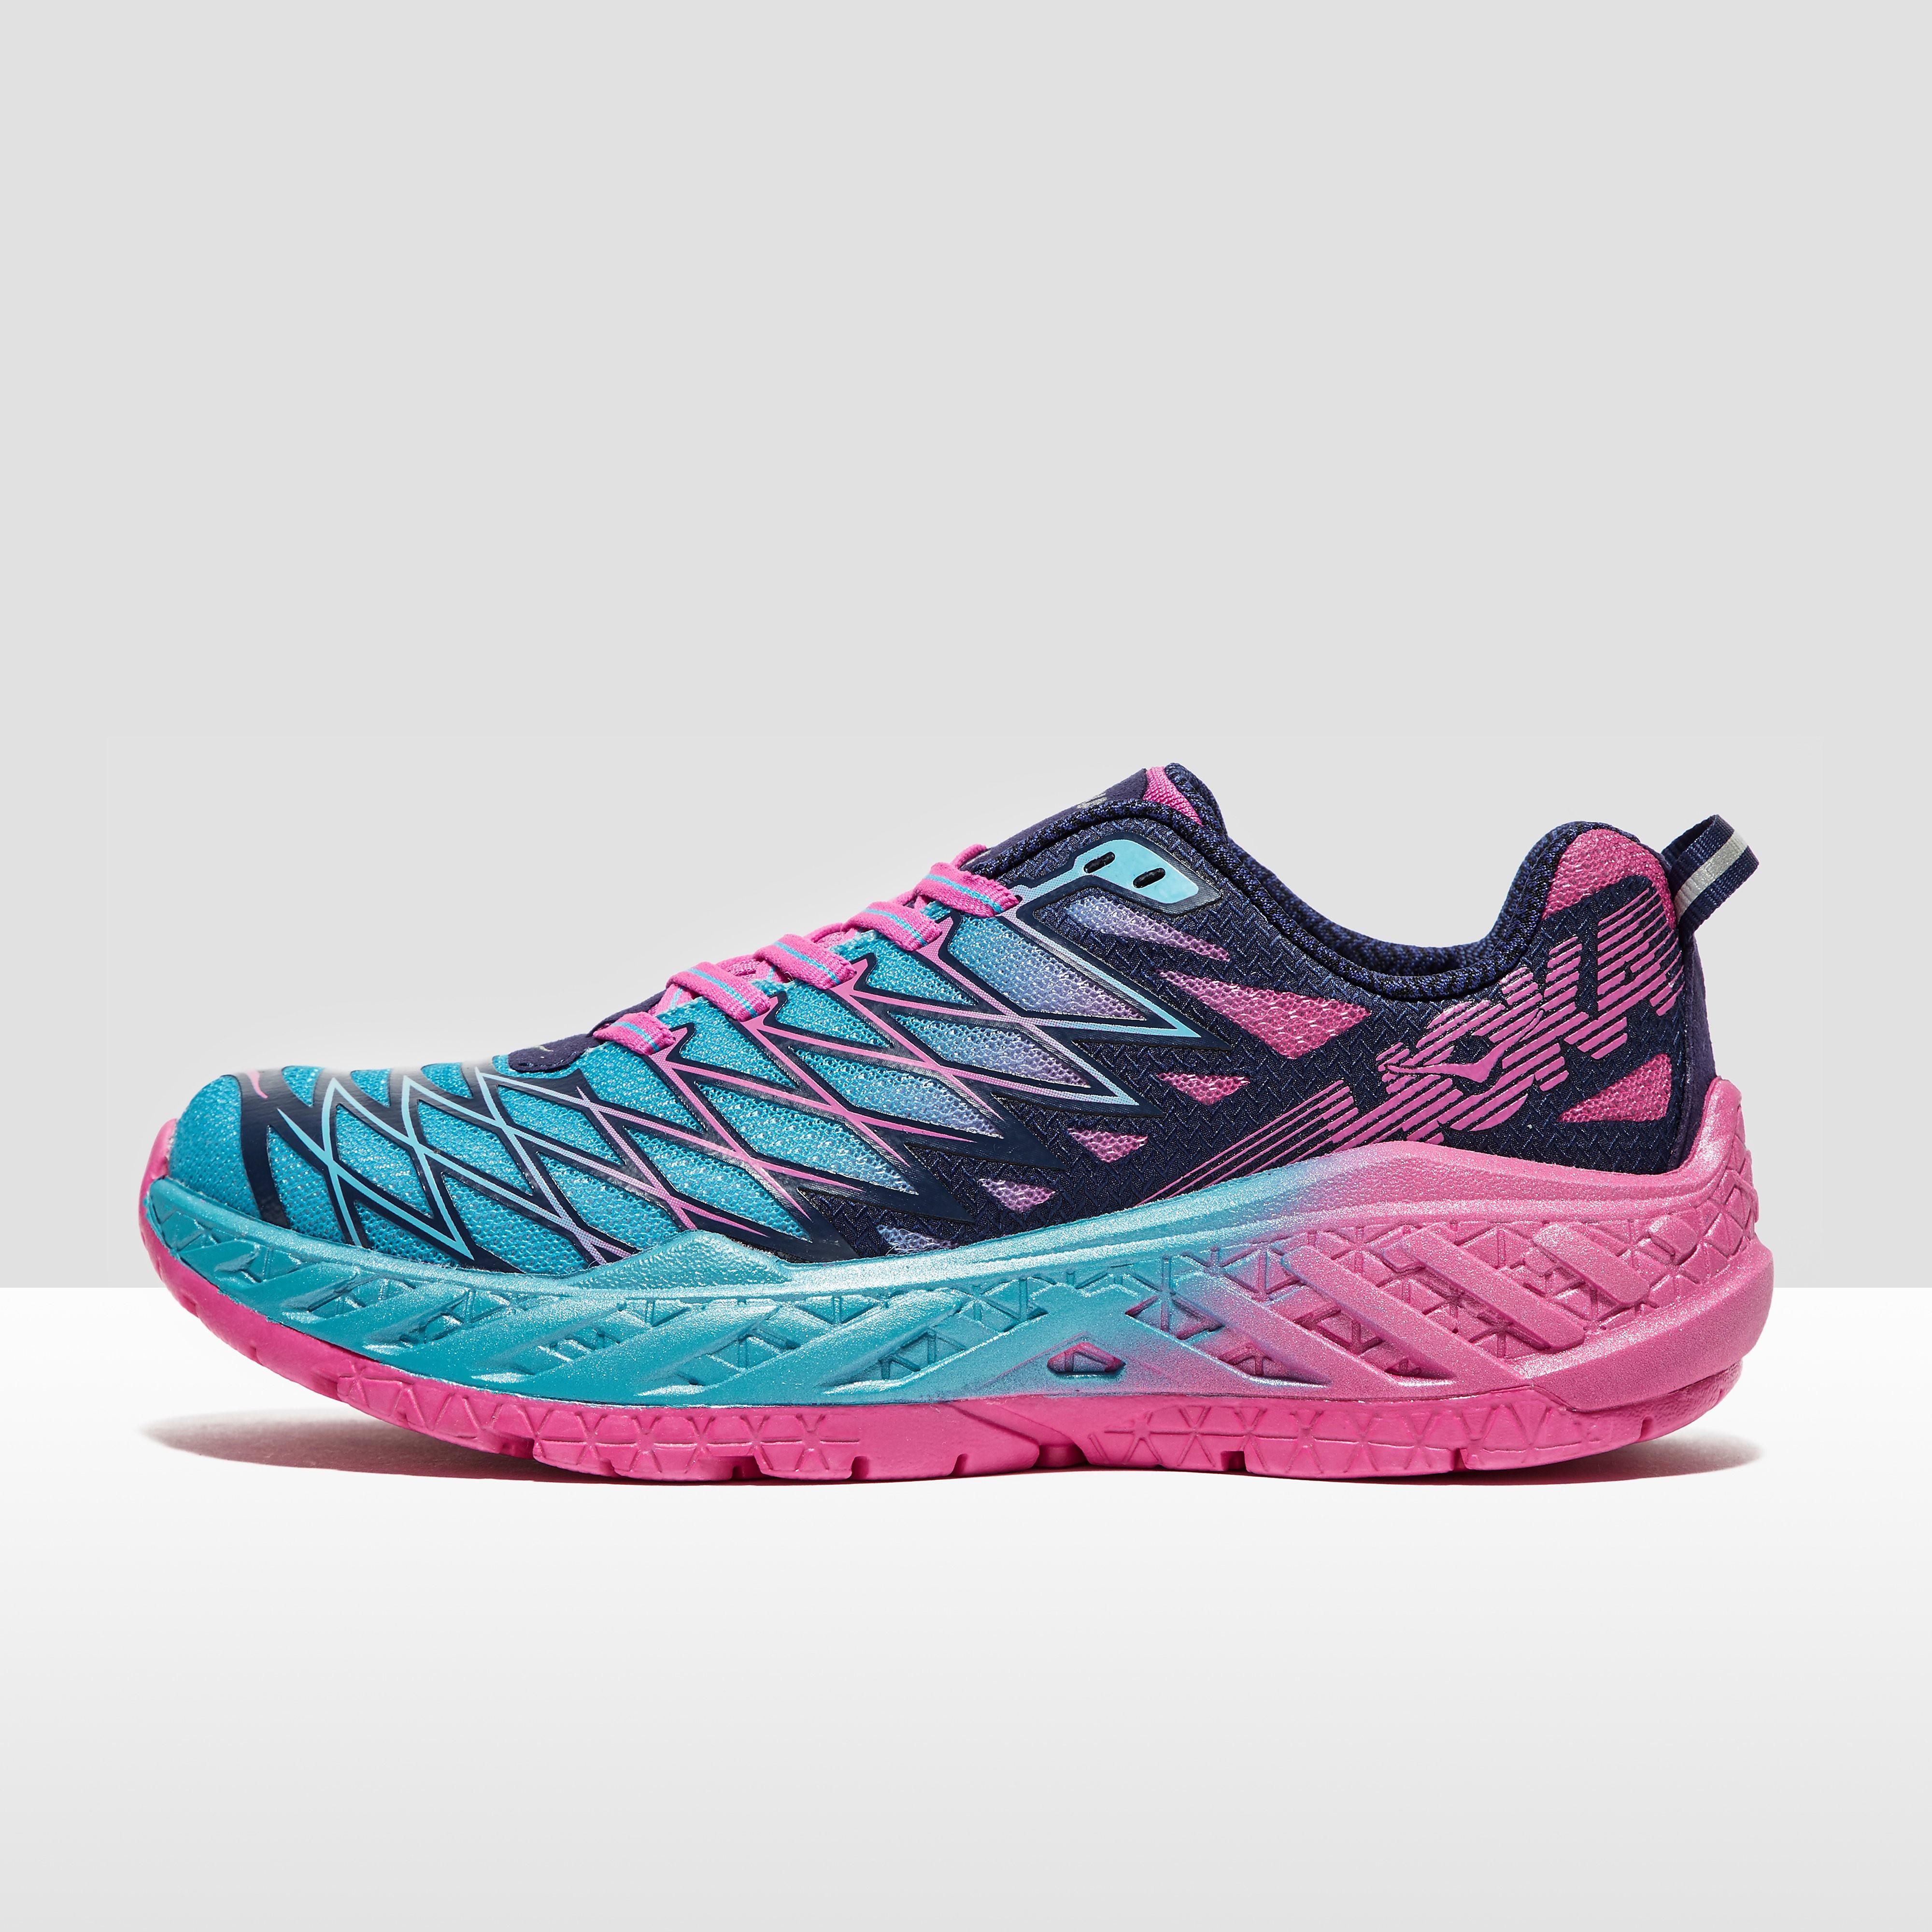 Hoka One One Clayton 2 Women's Running Shoes